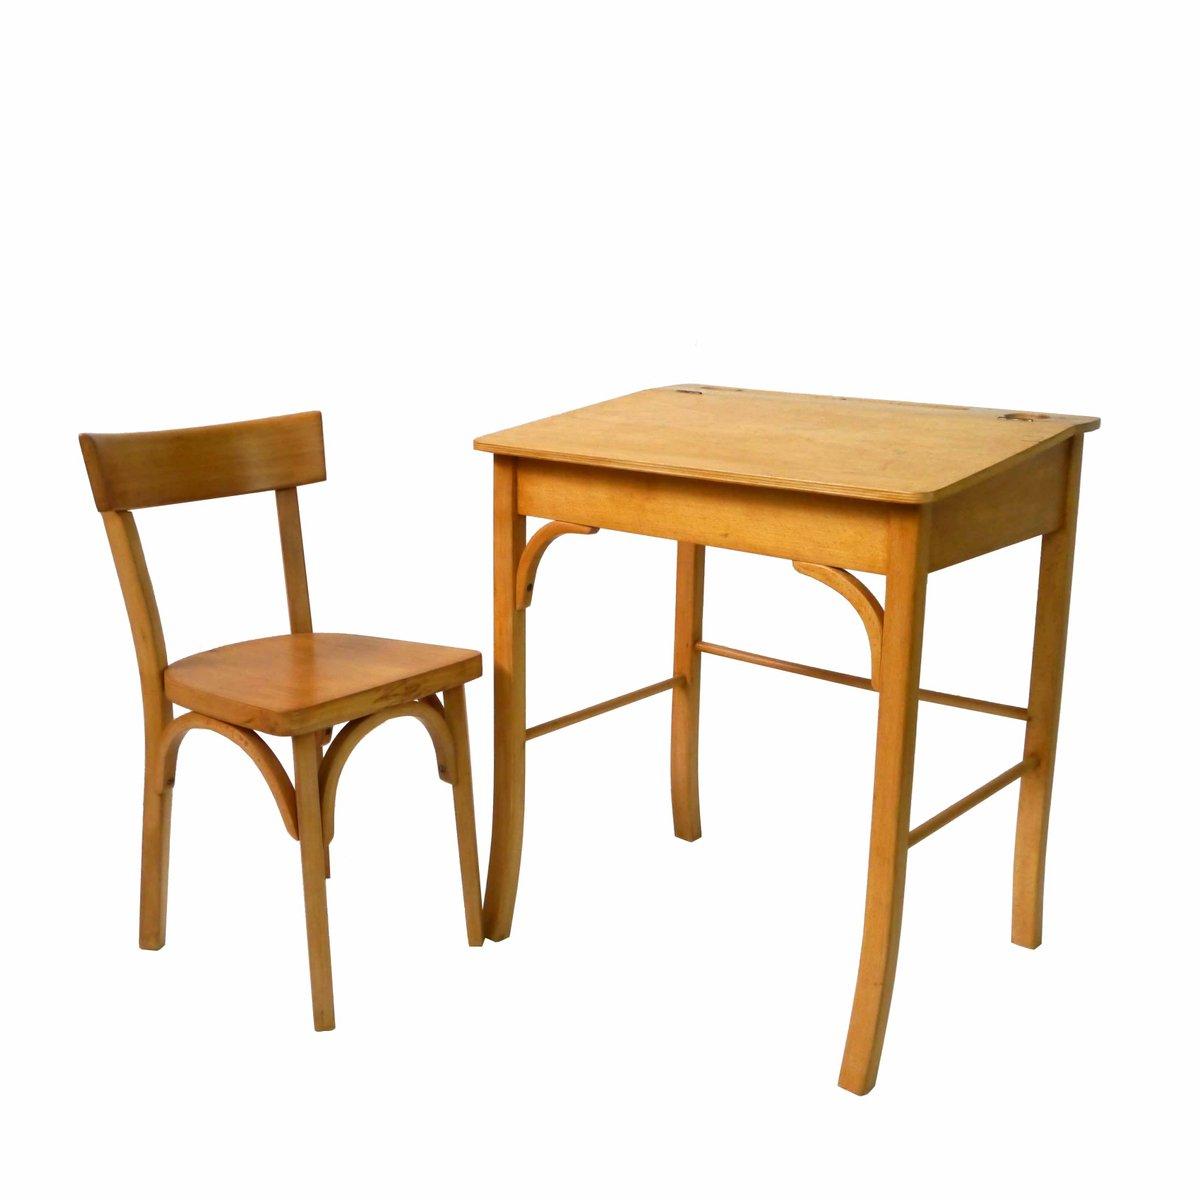 vintage kinder schreibtisch mit stuhl aus holz bei pamono. Black Bedroom Furniture Sets. Home Design Ideas